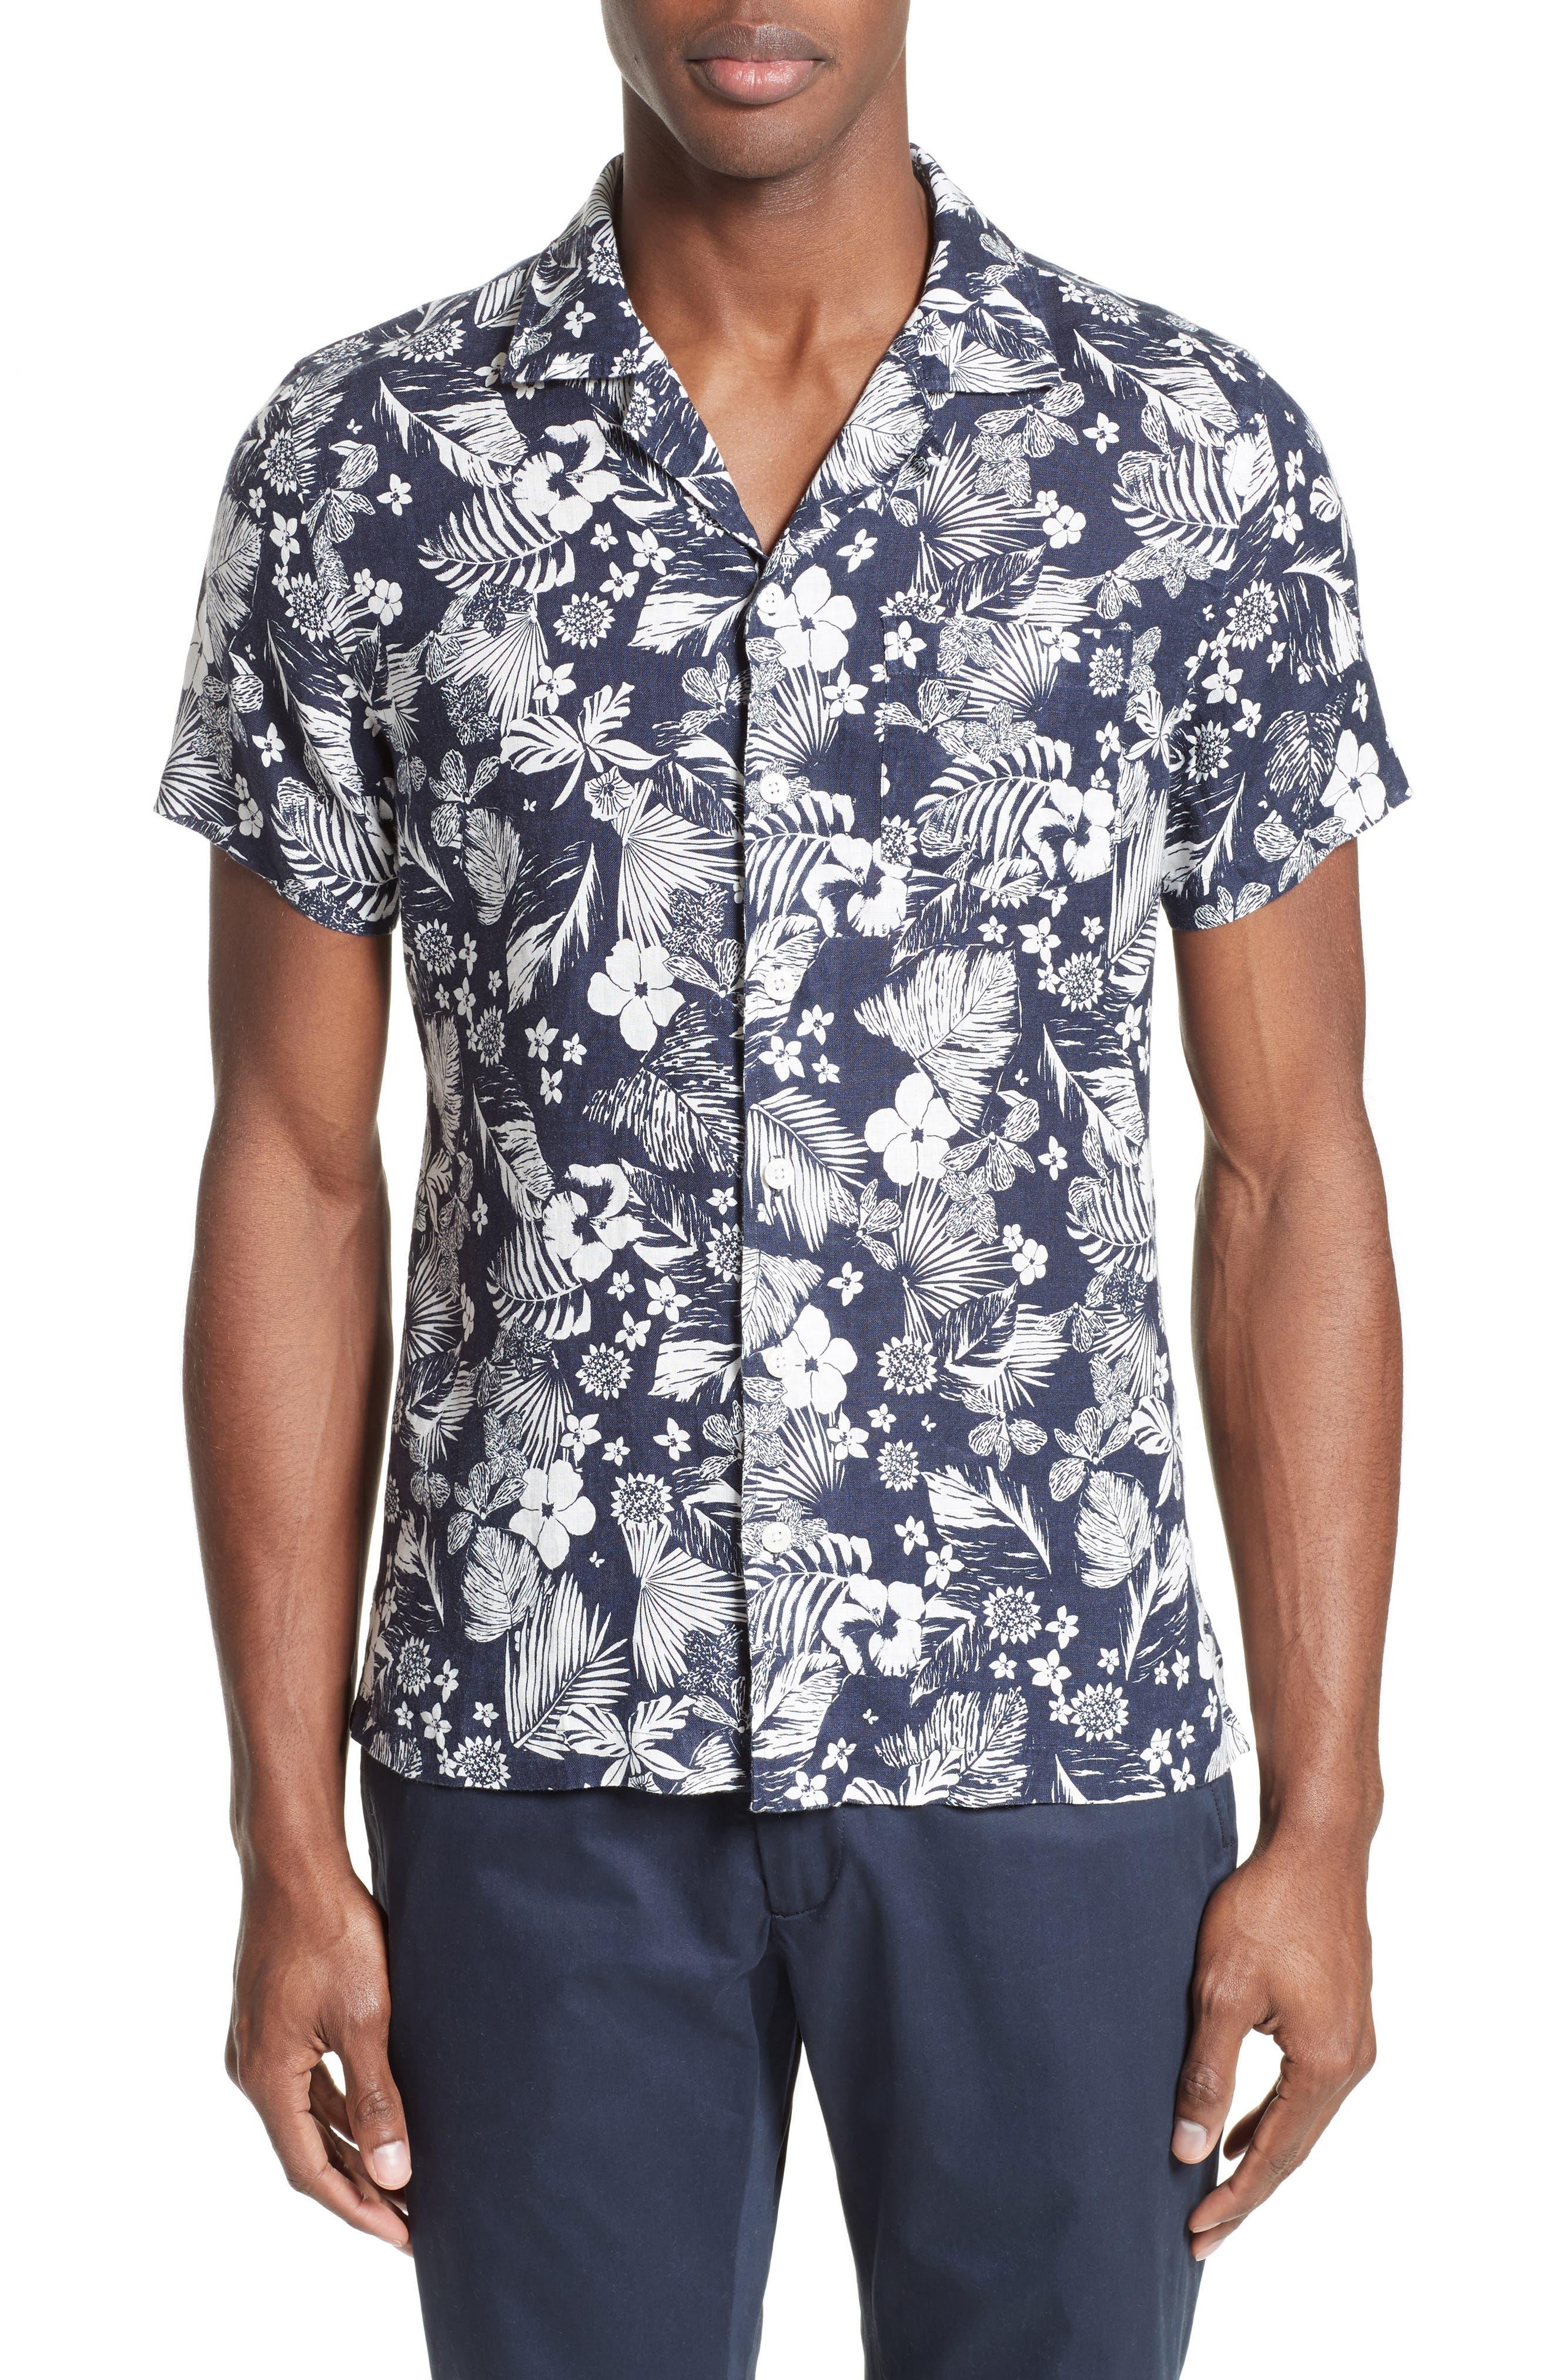 Alternate Image 1 Selected - Todd Snyder Trim Fit Floral Print Linen Camp Shirt